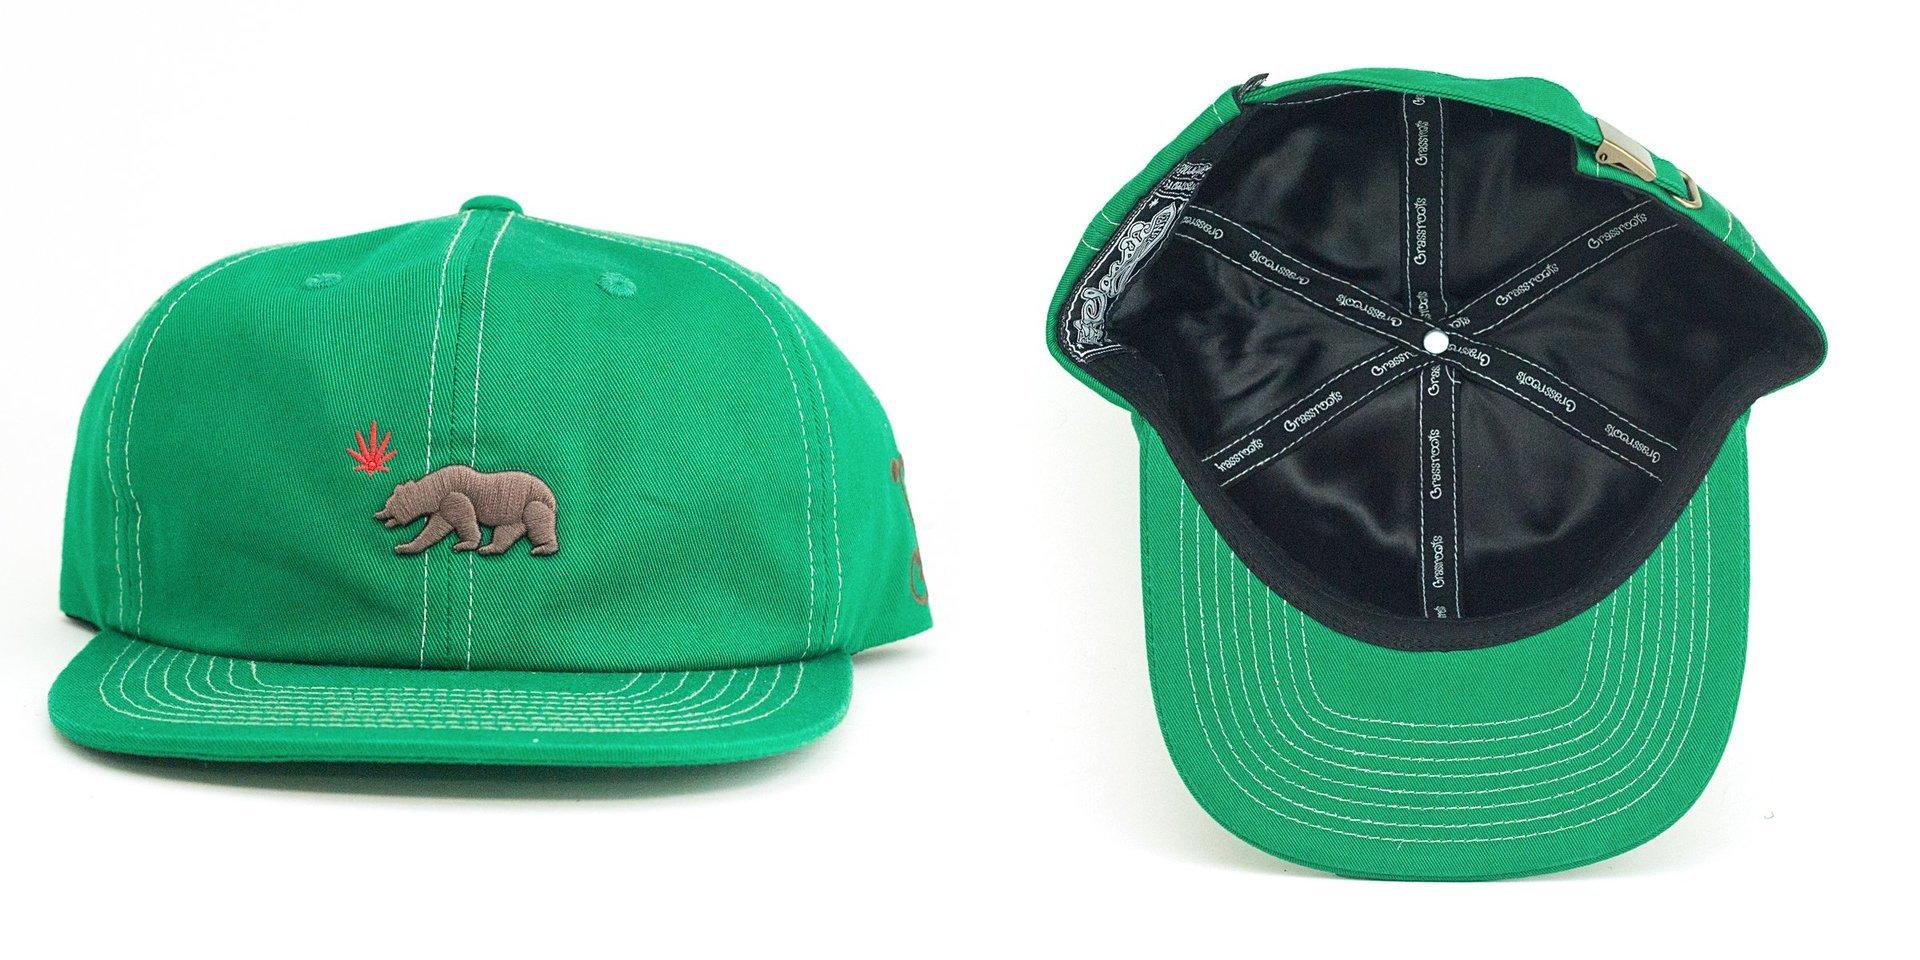 8d73586dc9c OG Cali Greens Dad Strapback California Hat